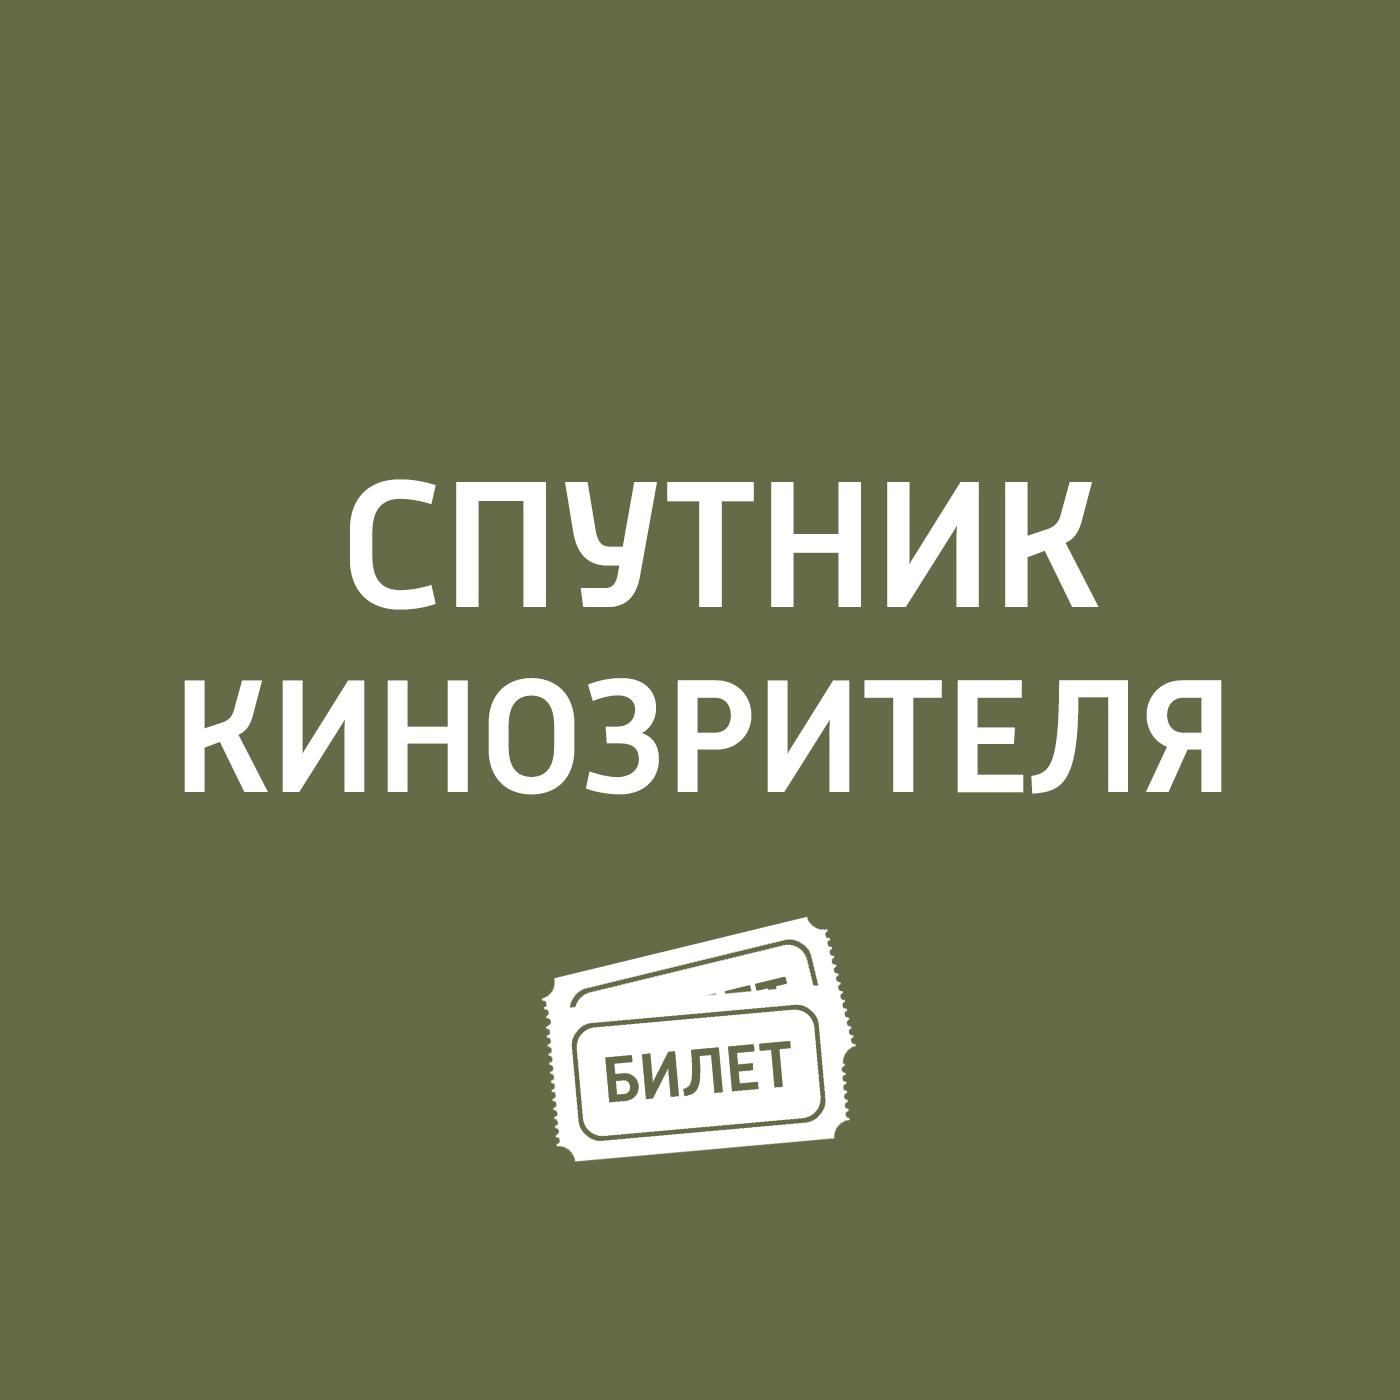 Антон Долин Жизнь Адель, «Тор 2: Царство тьмы, «Распутин